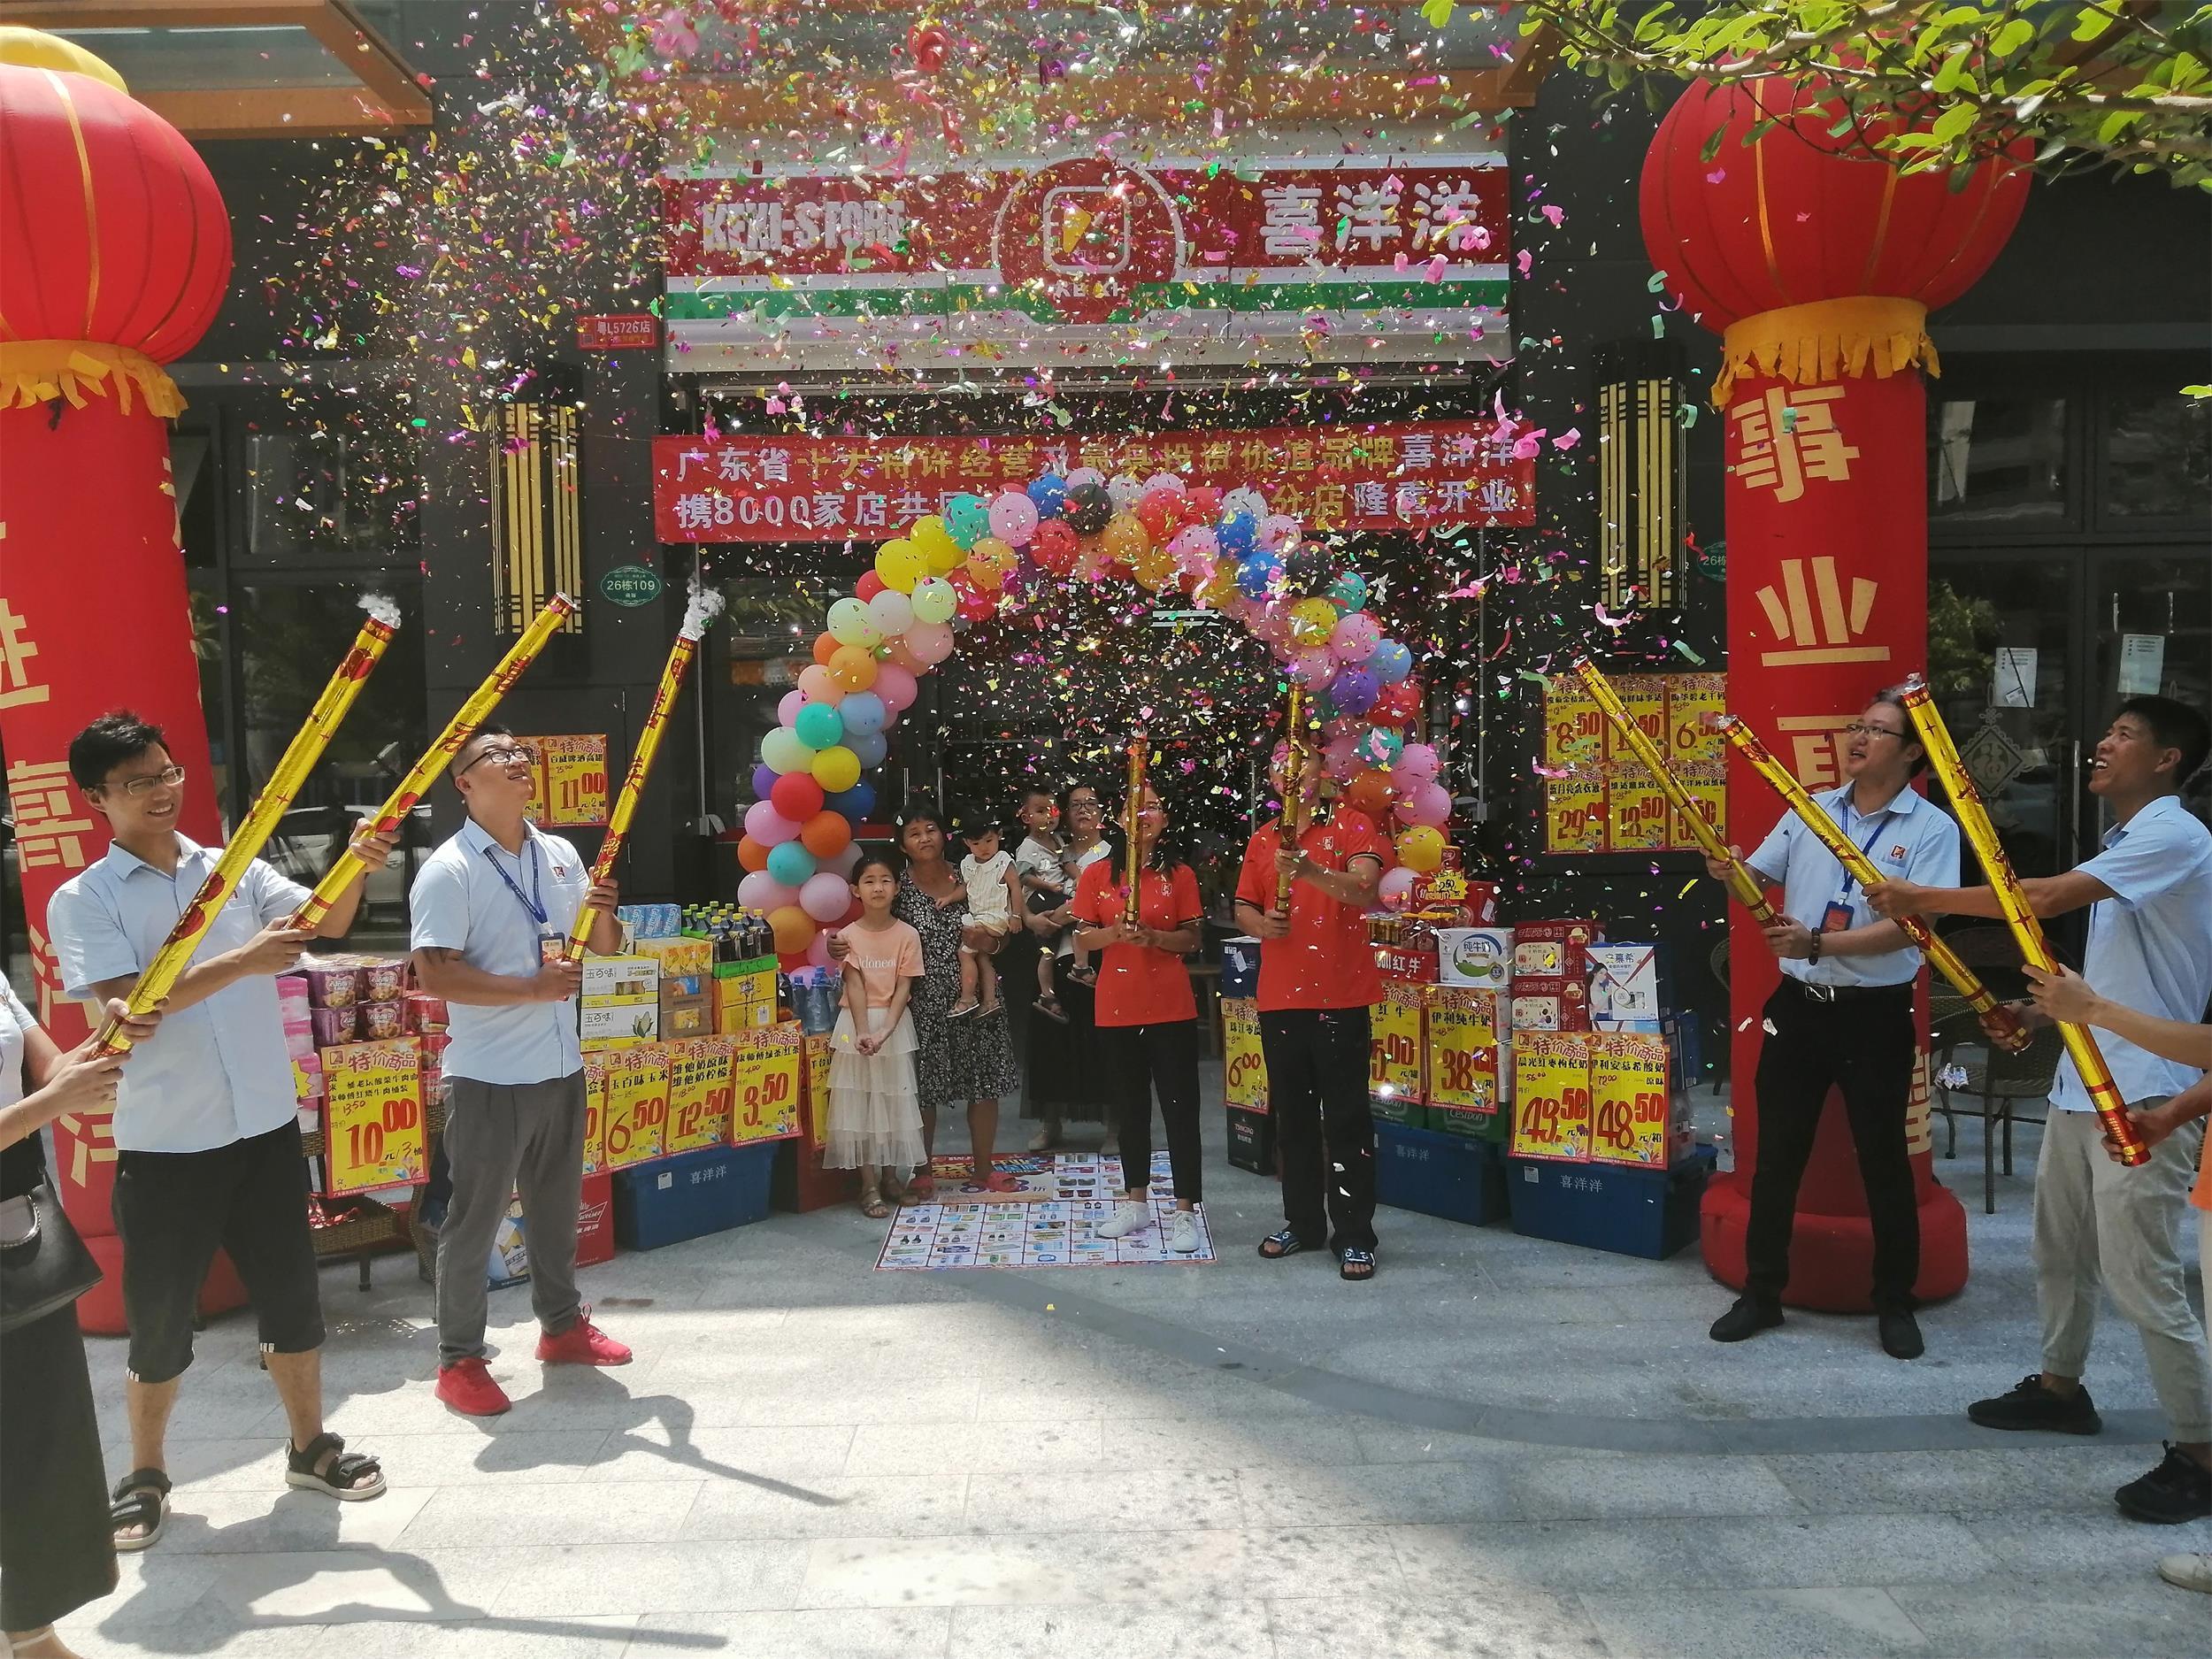 喜洋洋便利店全体同仁祝贺大亚湾羽睿一分店9月8日开业大吉